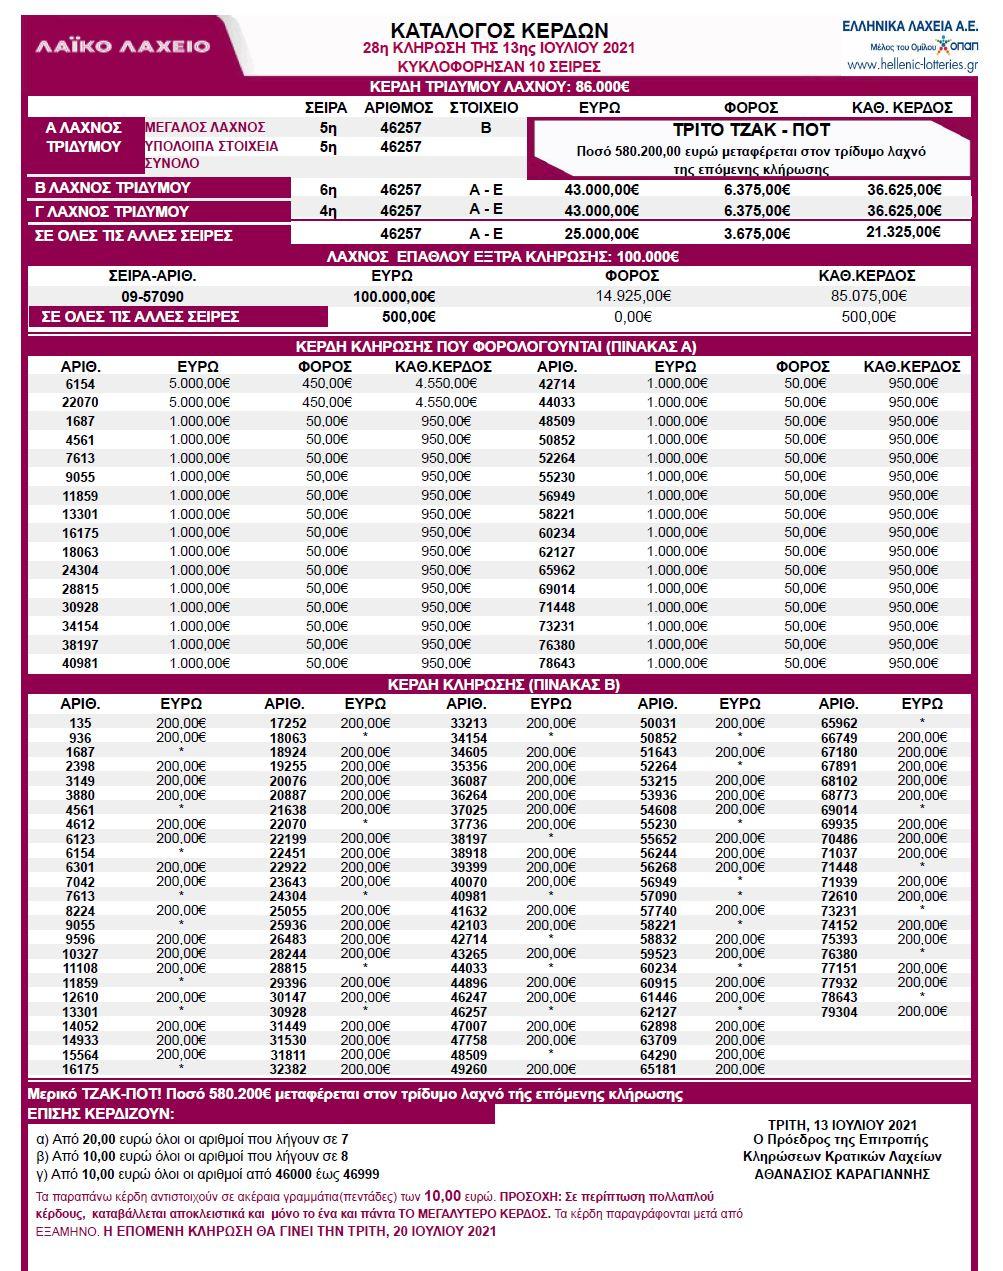 λαικο-λαχειο-13-7-21-κληρωση-28-αποτελεσματα-λαικό-λαχείο-13-ιουλιου-2021-κερδη